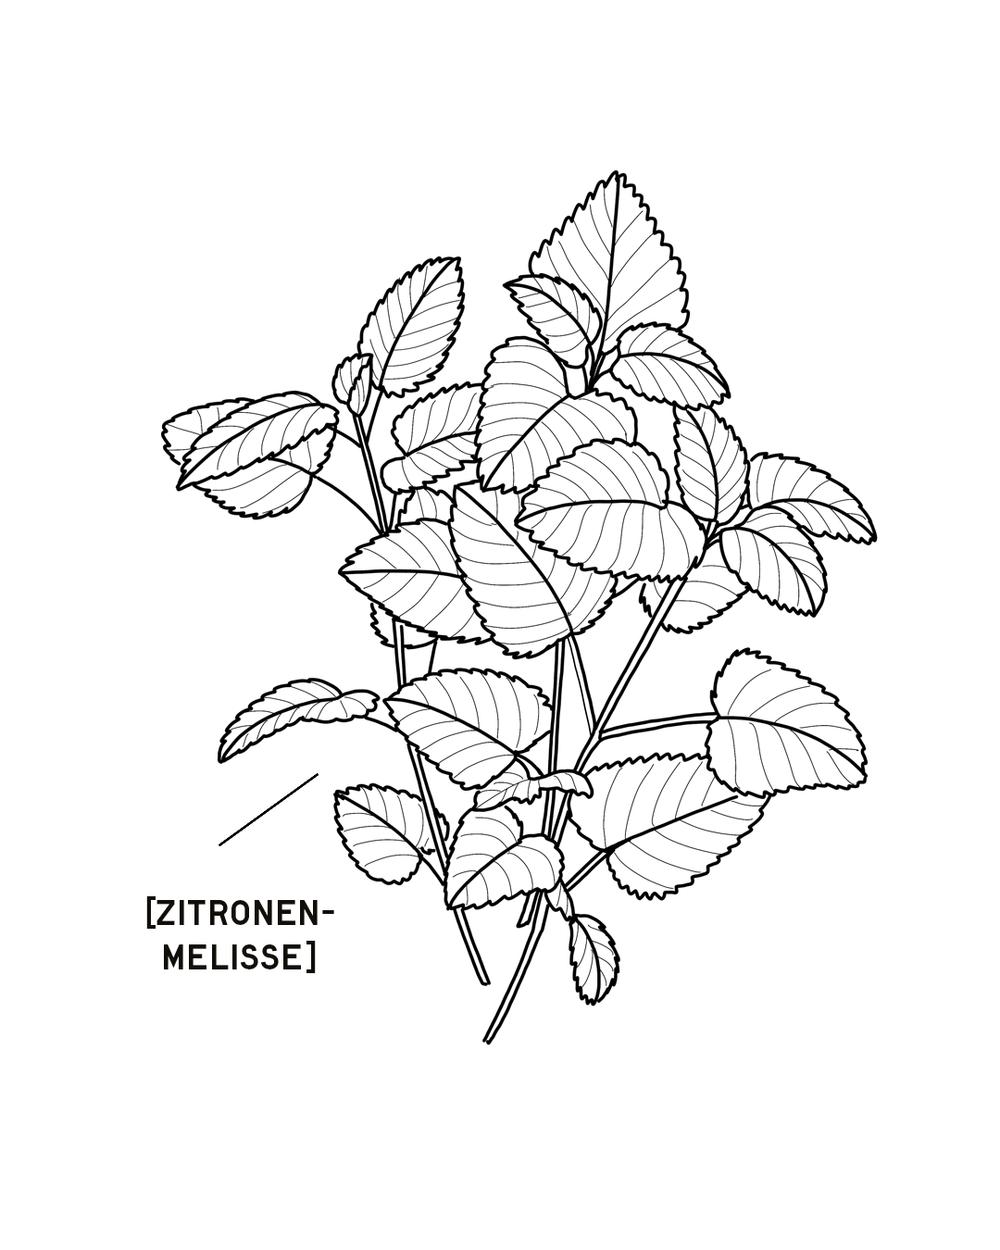 ZITRONENMELISSE-1350X1080.png